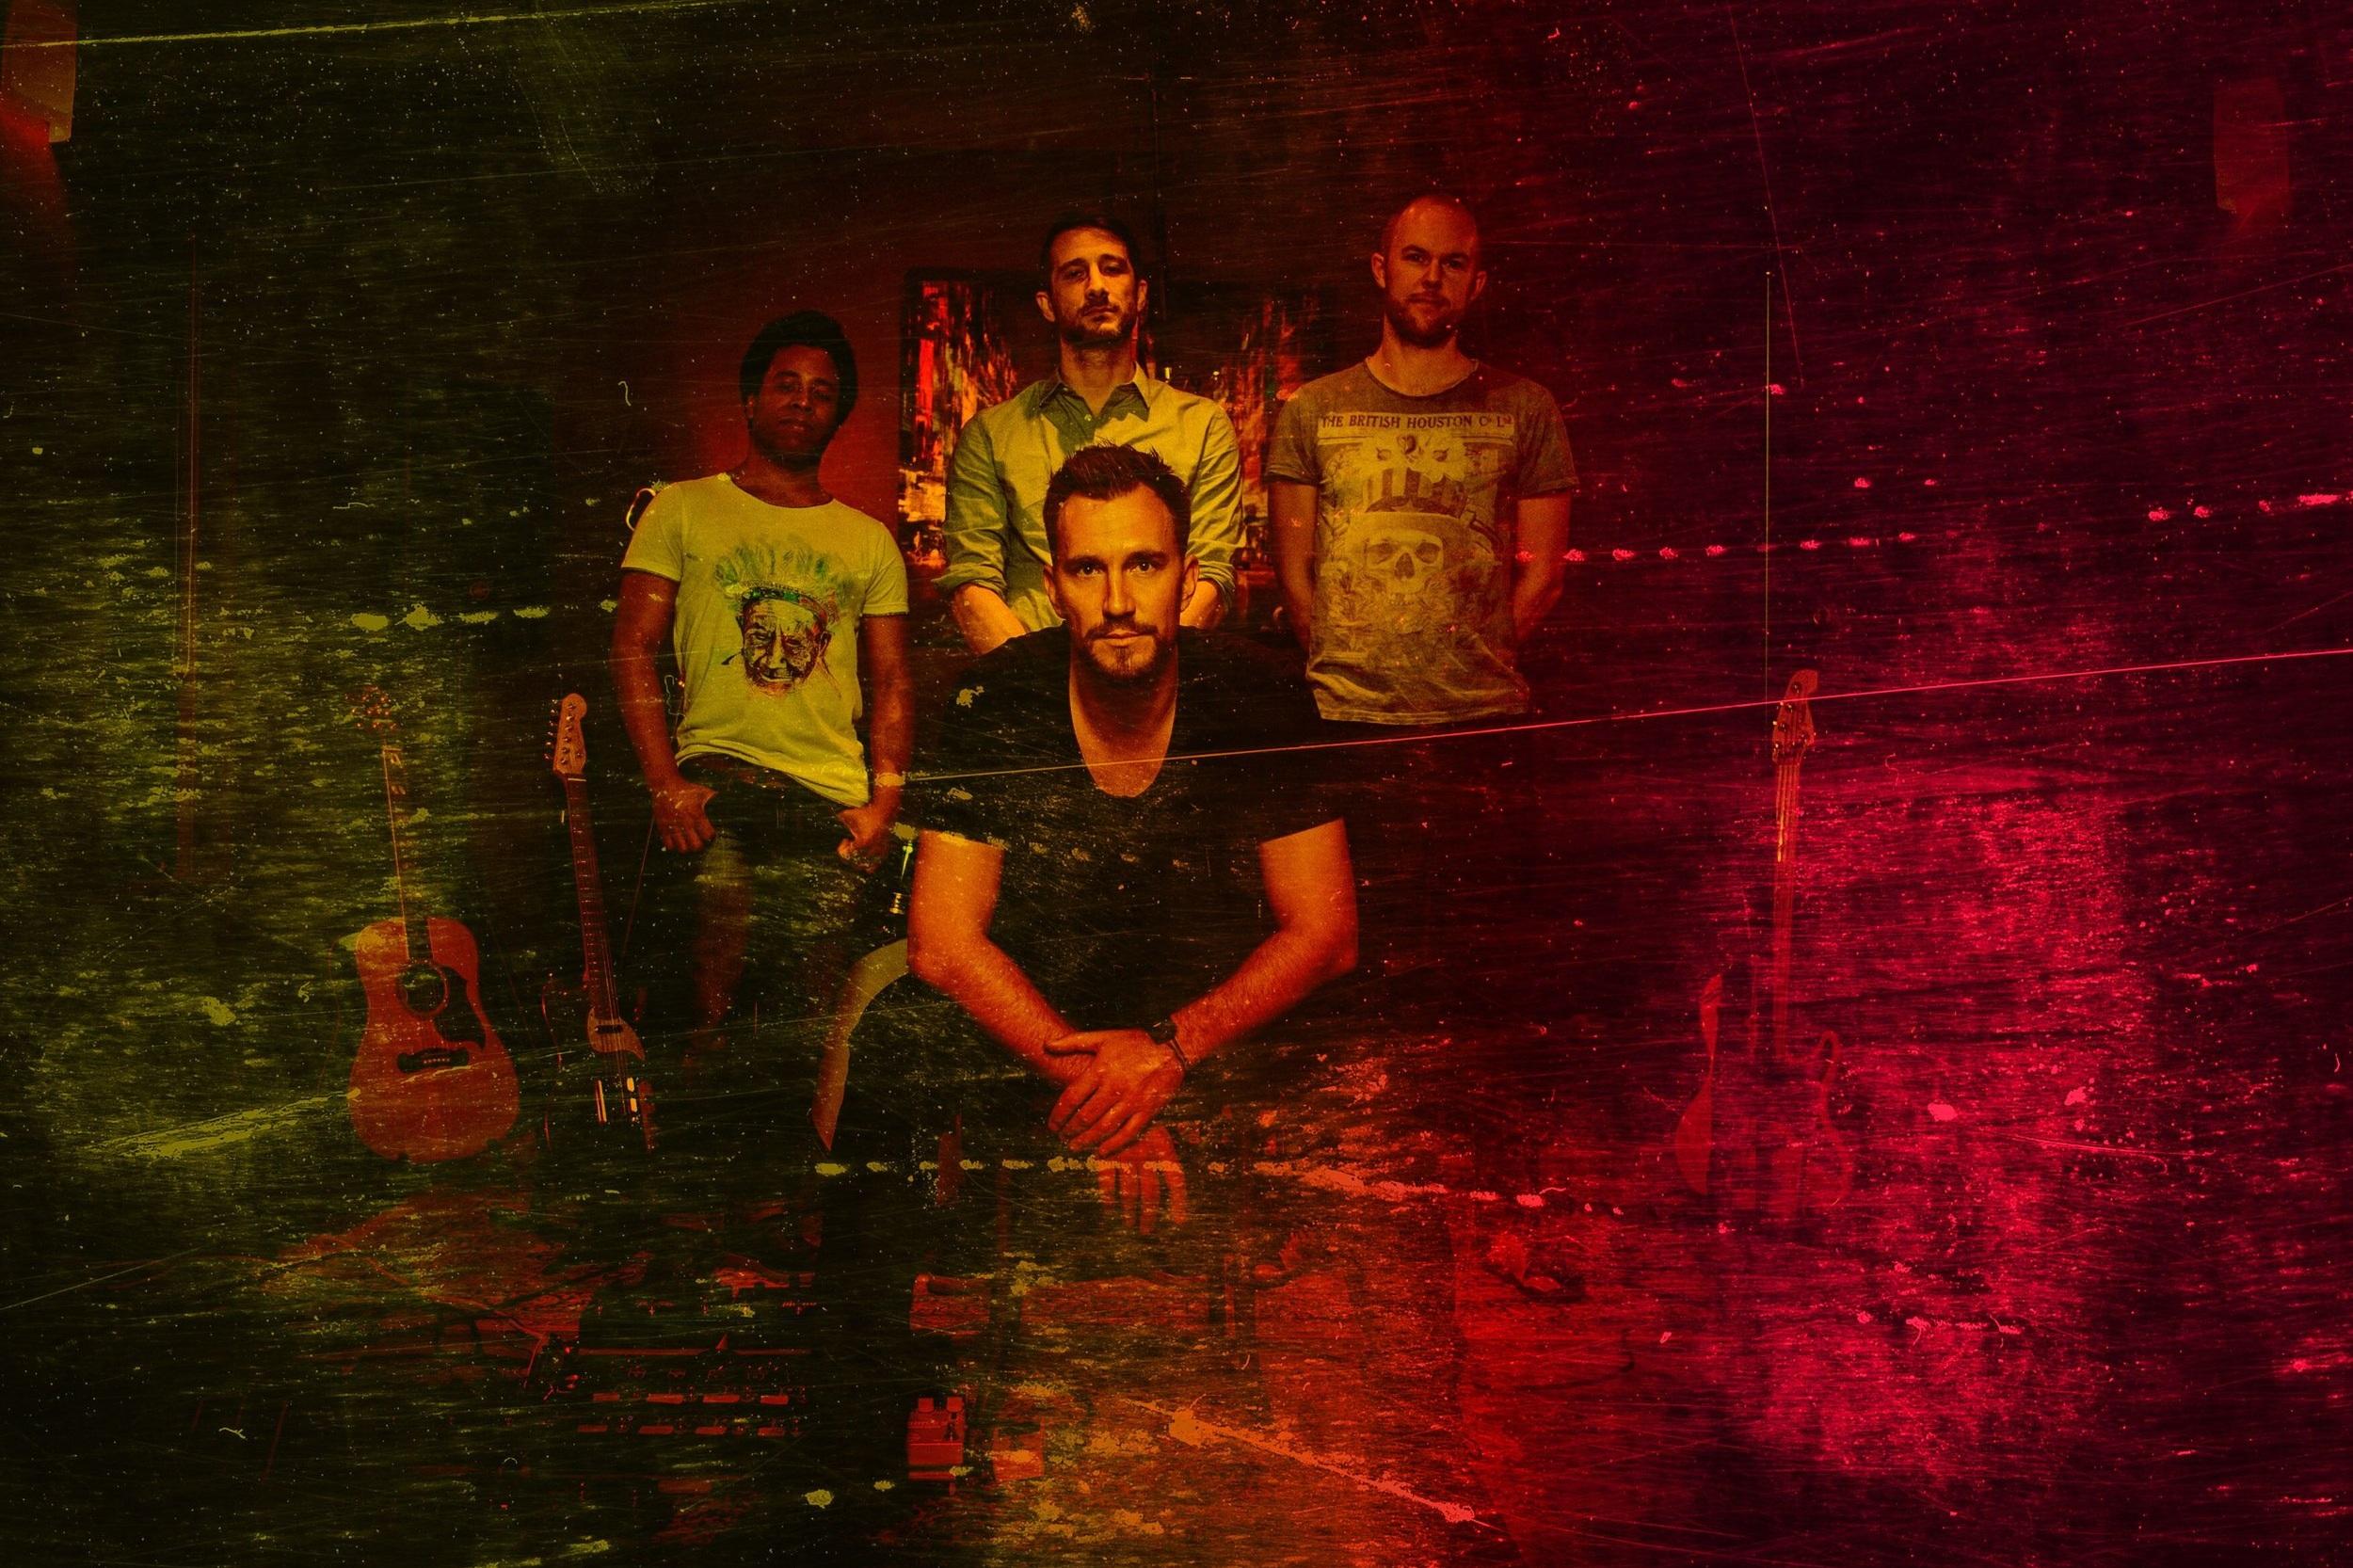 Evon Rose - Evon Rose - Singer & Guitar, Jonas Skielboe - Guitar, Byron Cortes - Bass, Peter Nadasdi - Drums